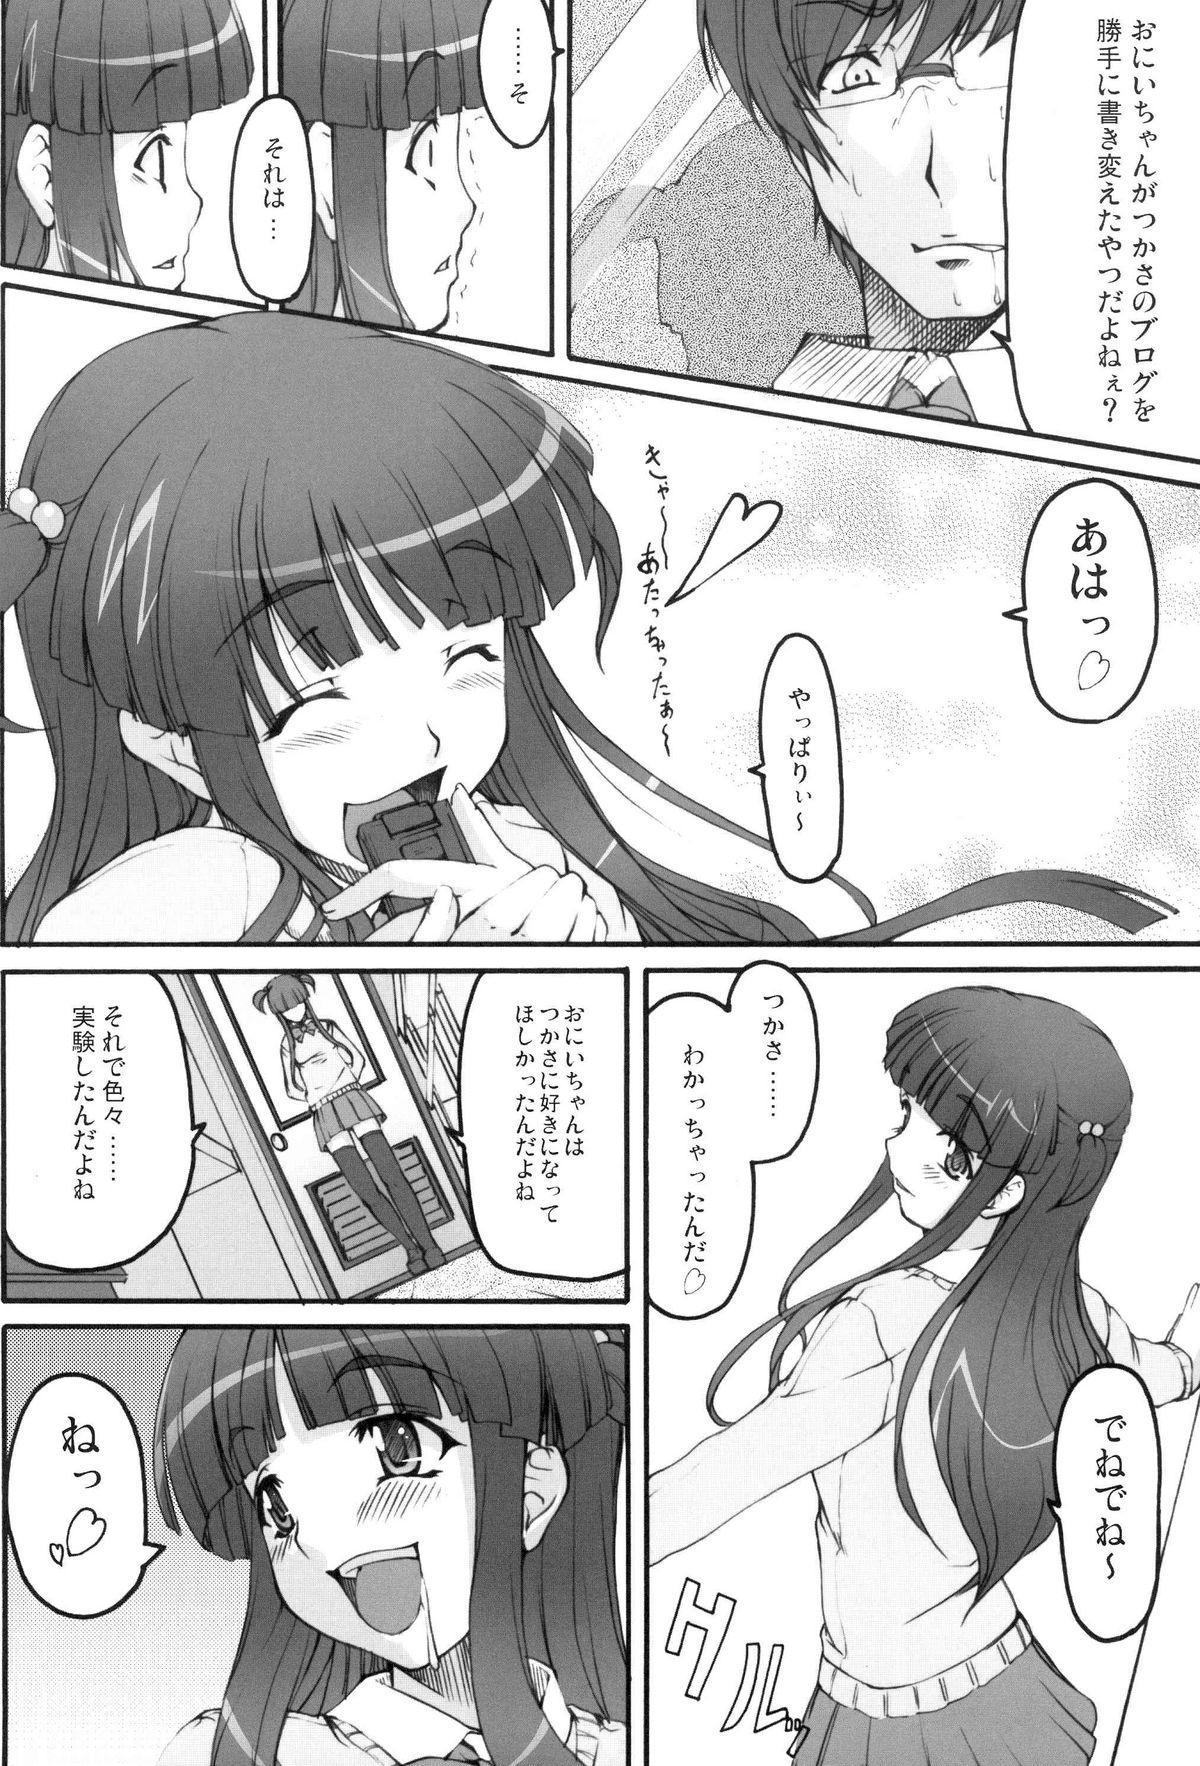 Tsukasa Blog 8